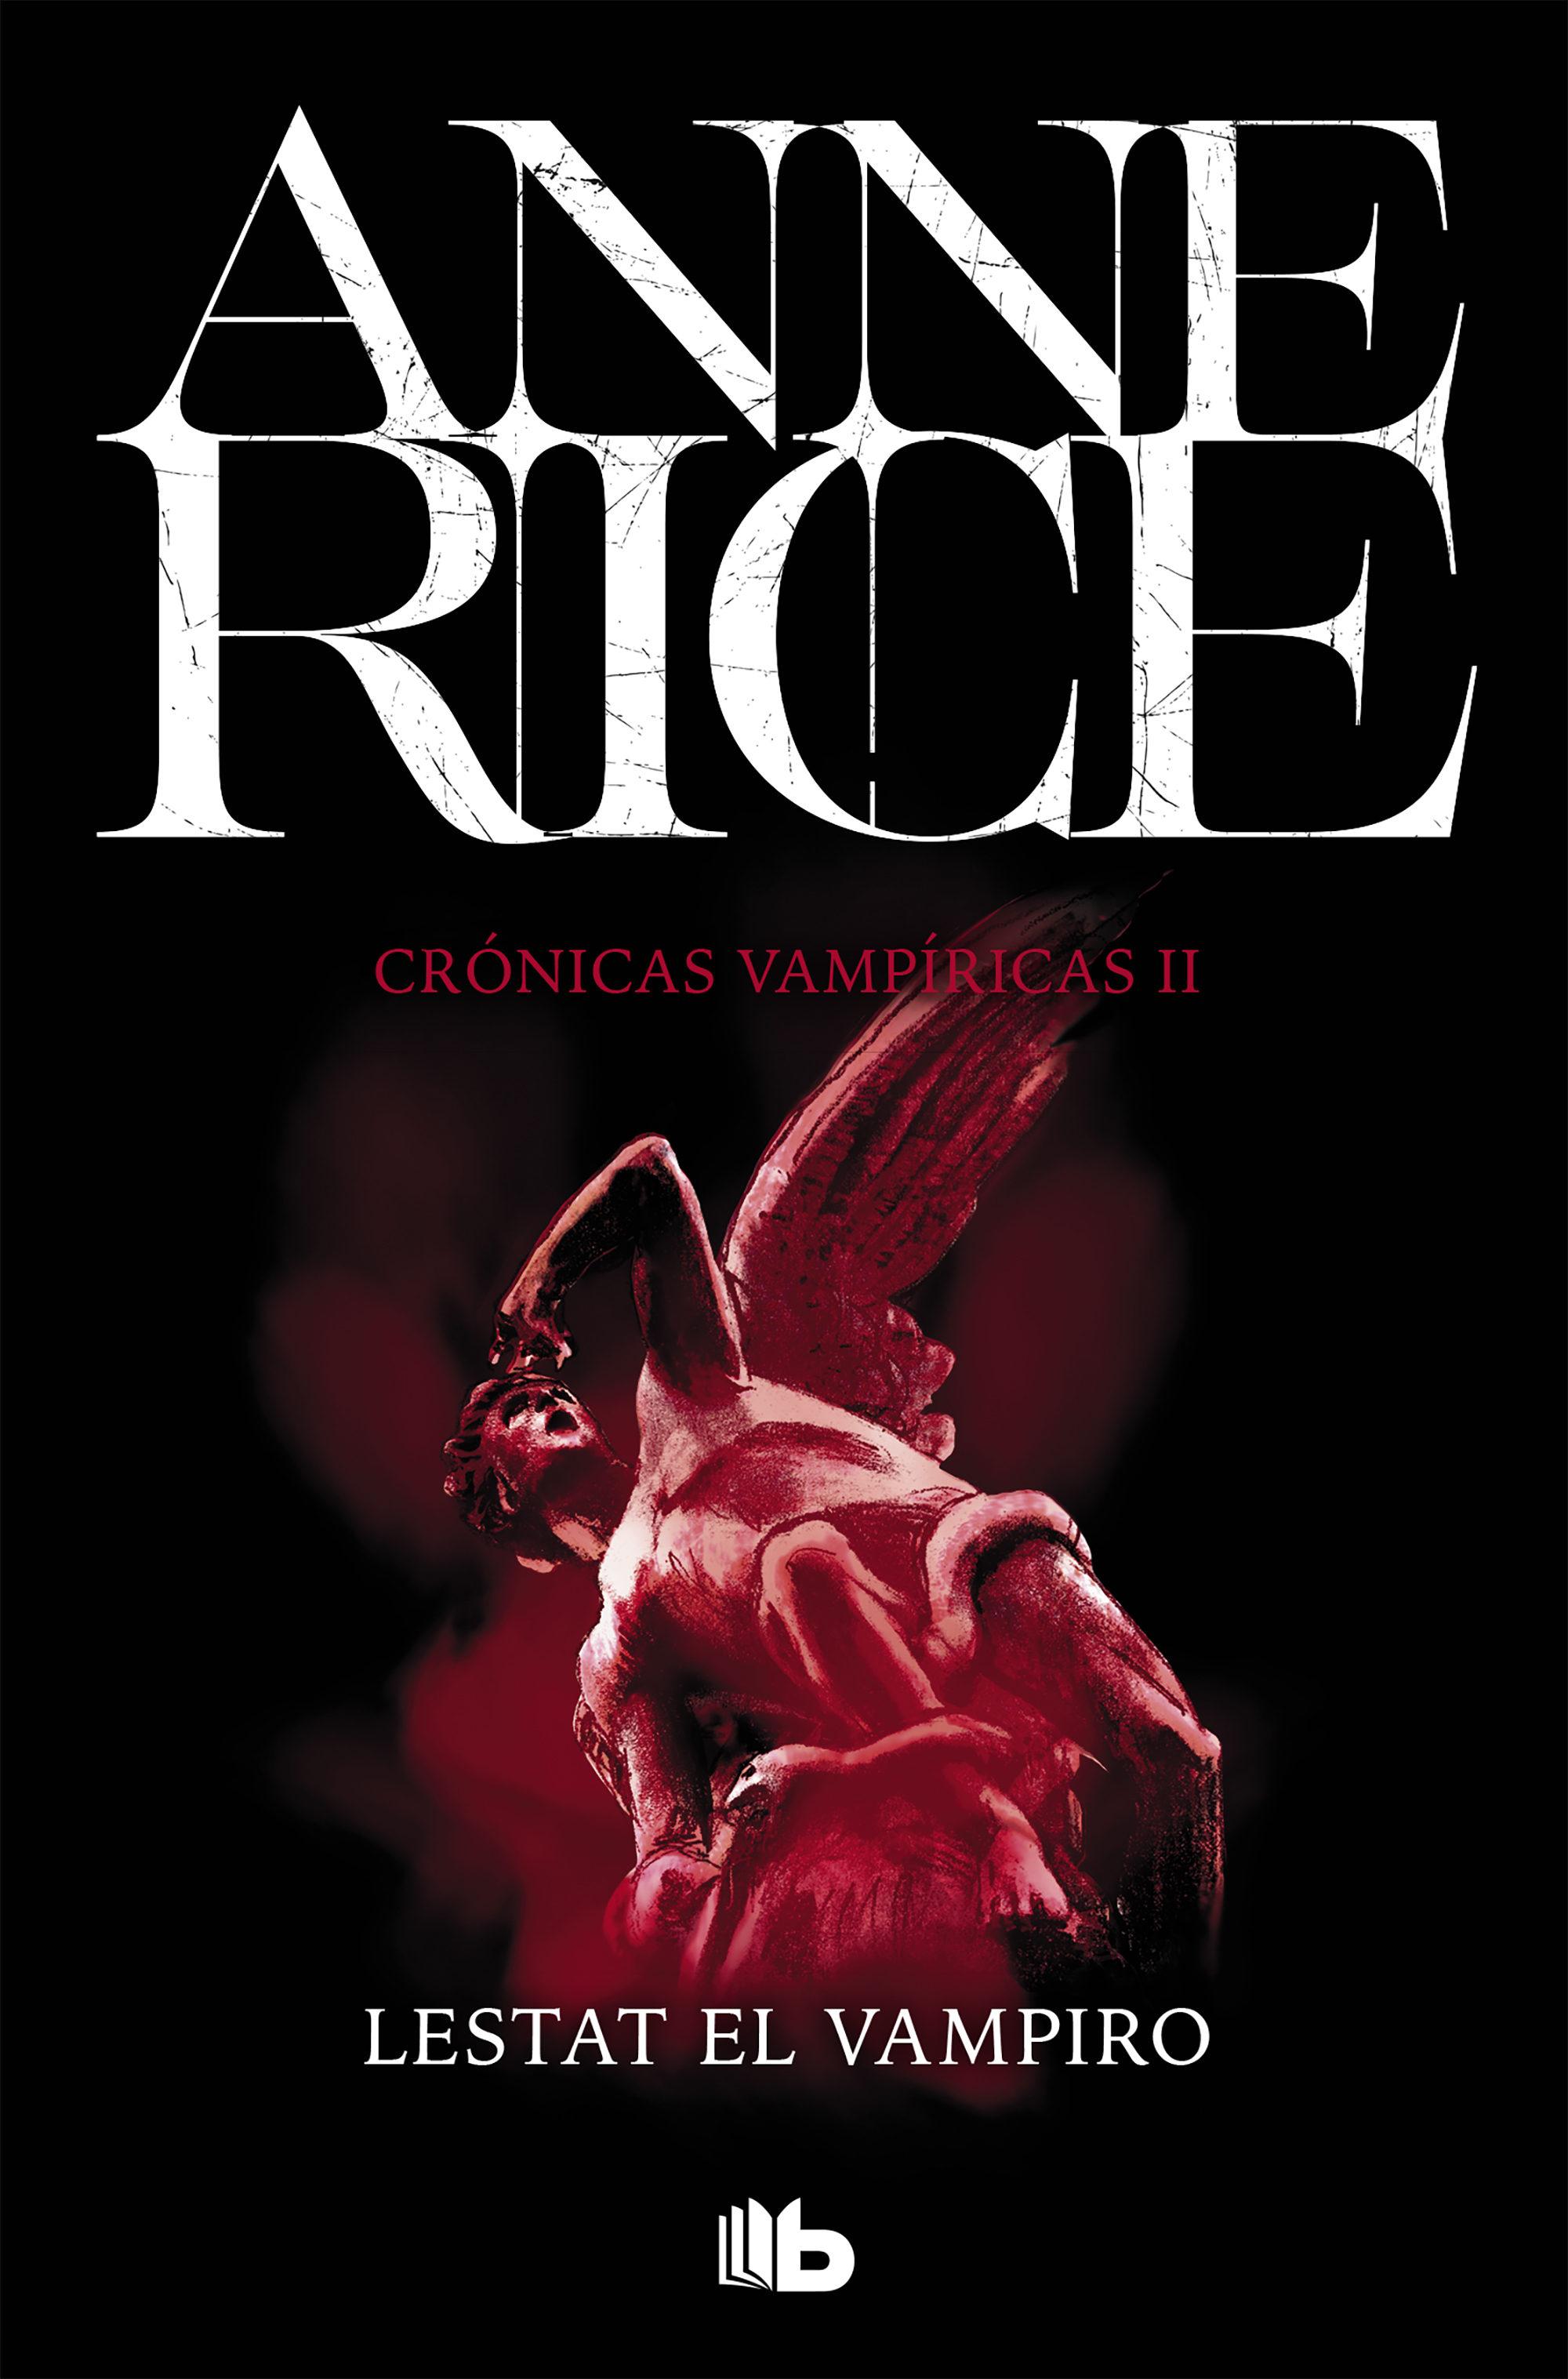 Lestat el Vampiro (Crónicas Vampíricas 2) - Anne Rice - B De Bolsillo